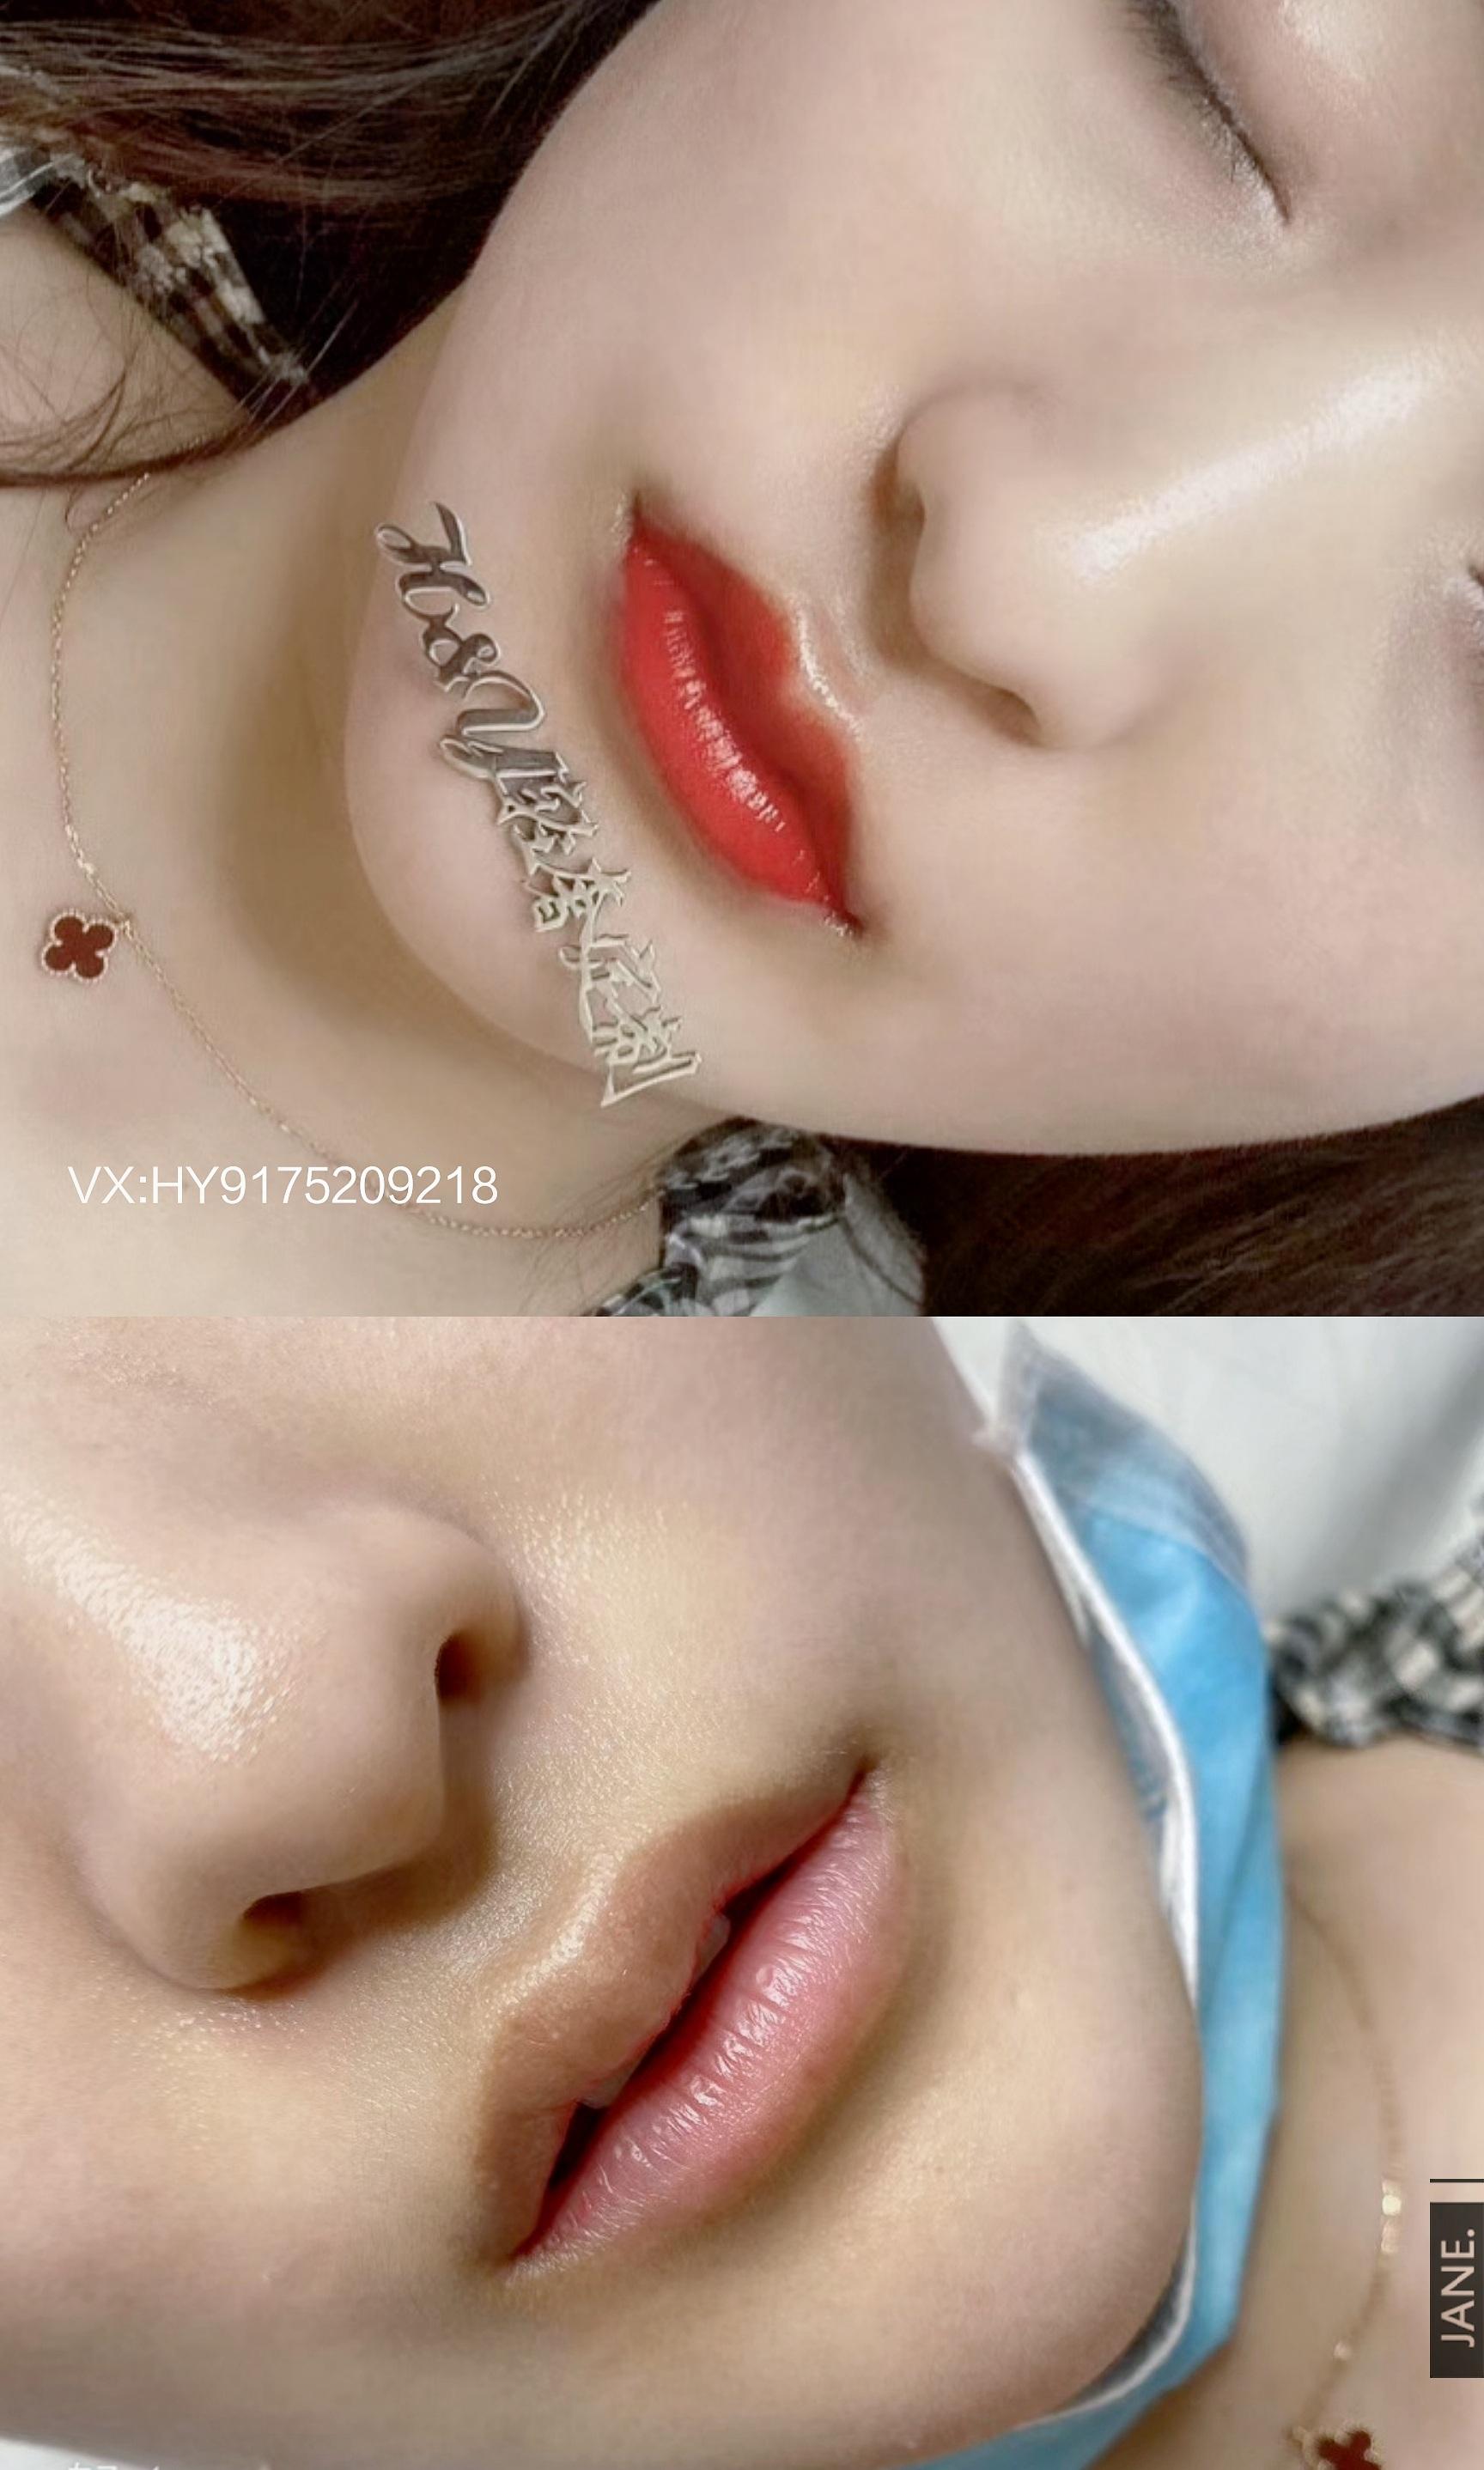 beauty_20210416233051.jpg